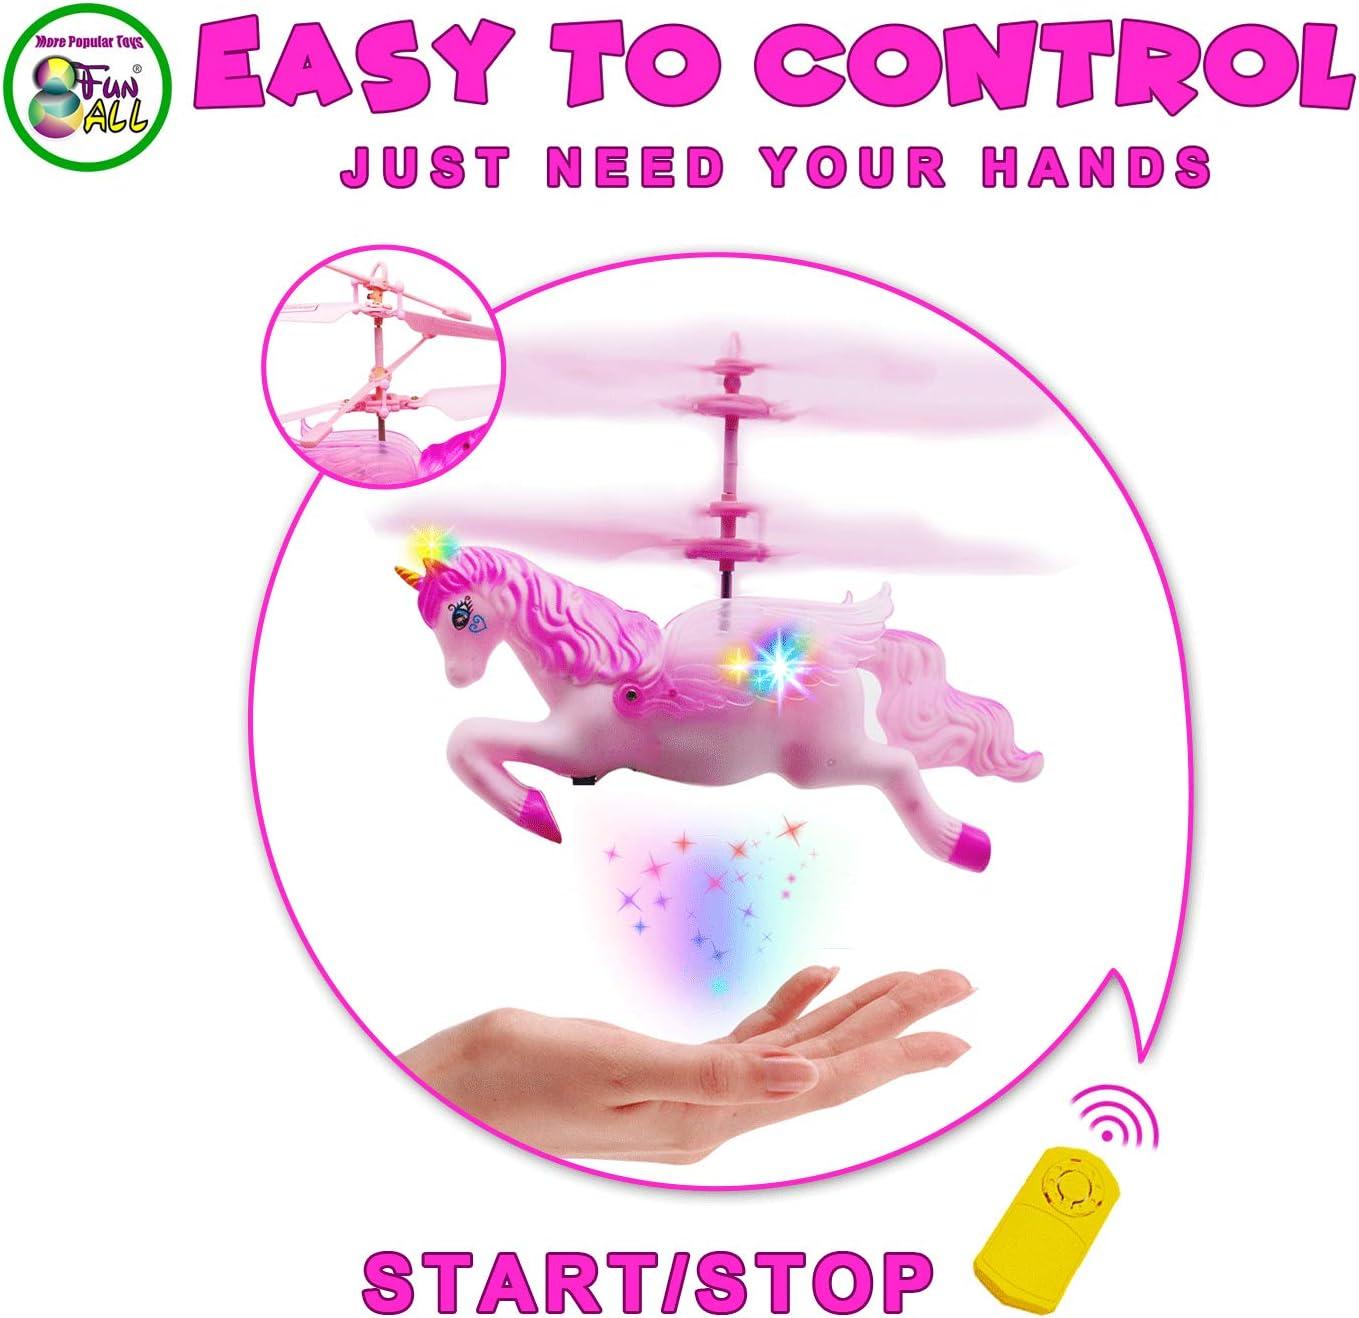 Dreamtoys Unicornio volador Pegasus con luz LED extrabrillante gran regalo de cumplea/ños juguete para ni/ñas peque/ñas y grandes amarillo f/ácil de controlar con la mano